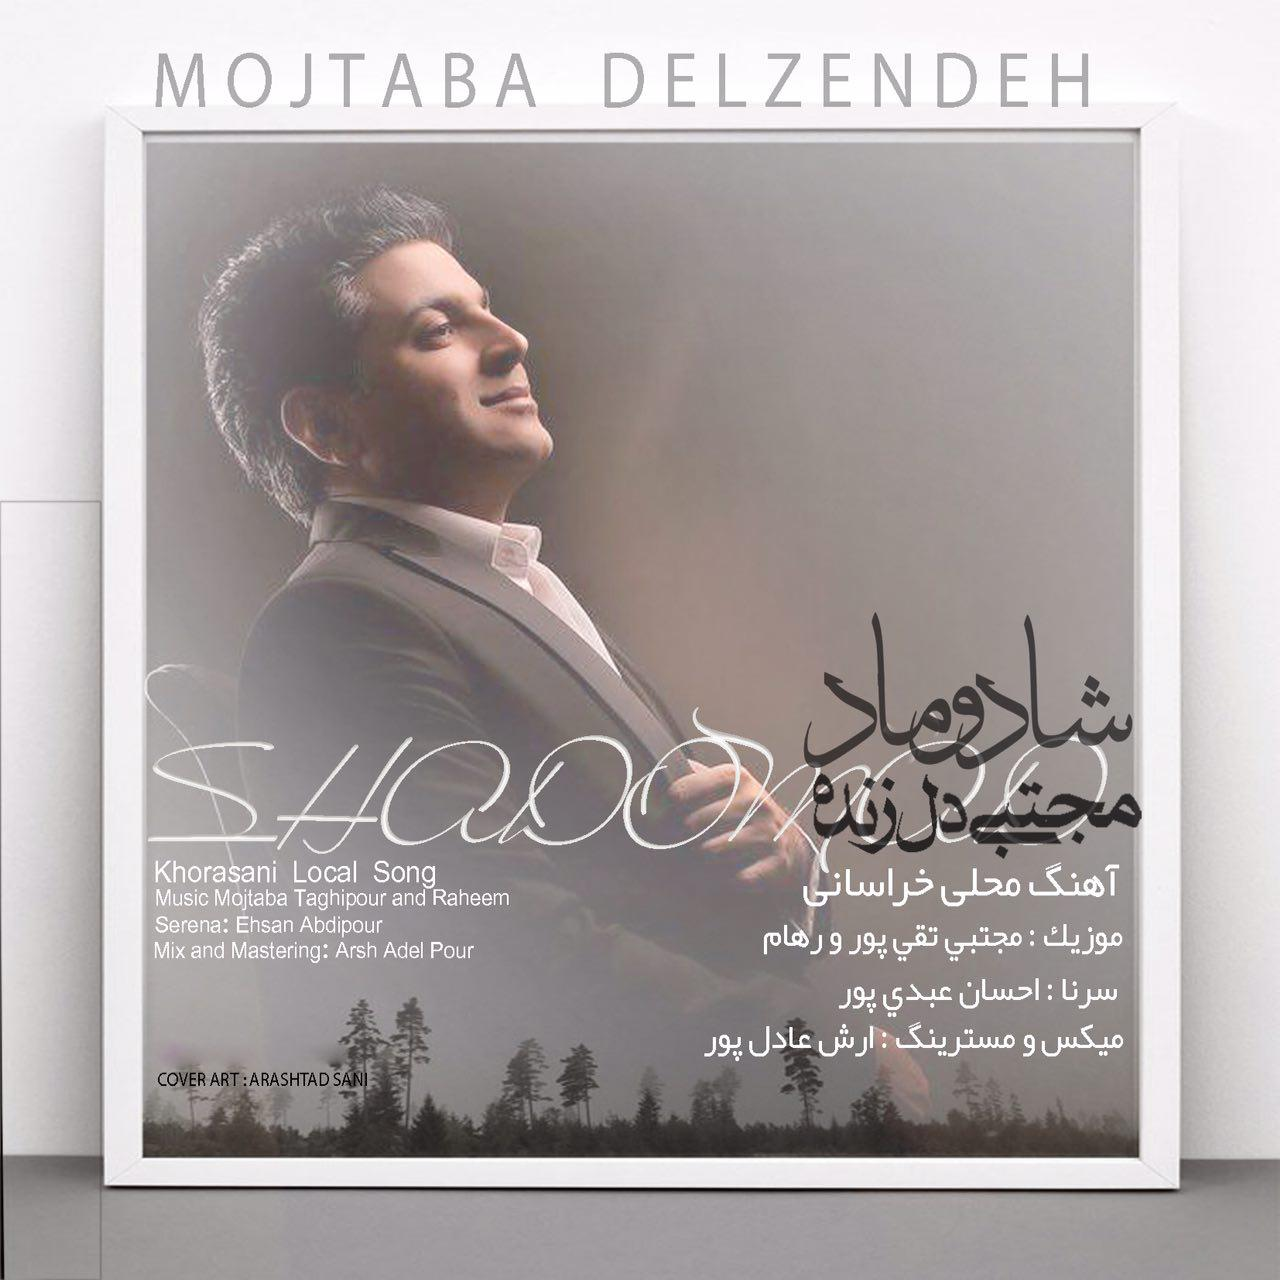 Mojtaba Delzendeh – Shadoomad